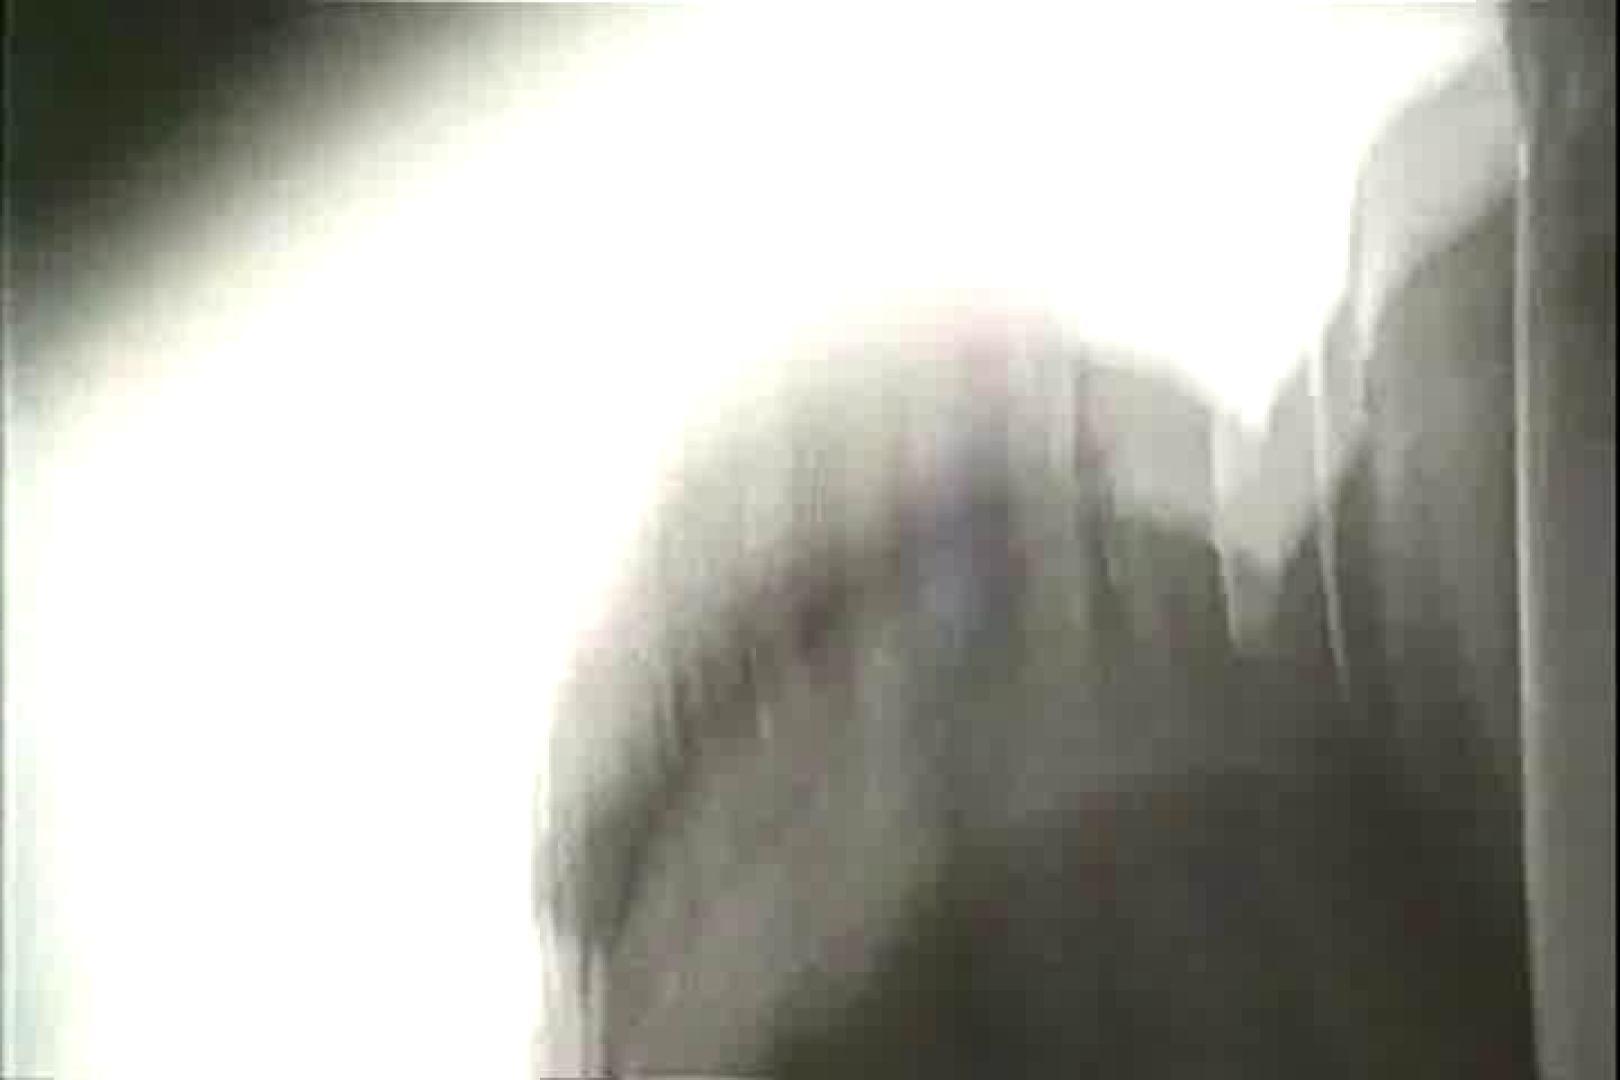 「ちくりん」さんのオリジナル未編集パンチラVol.3_02 美しいOLの裸体 覗きおまんこ画像 81pic 18